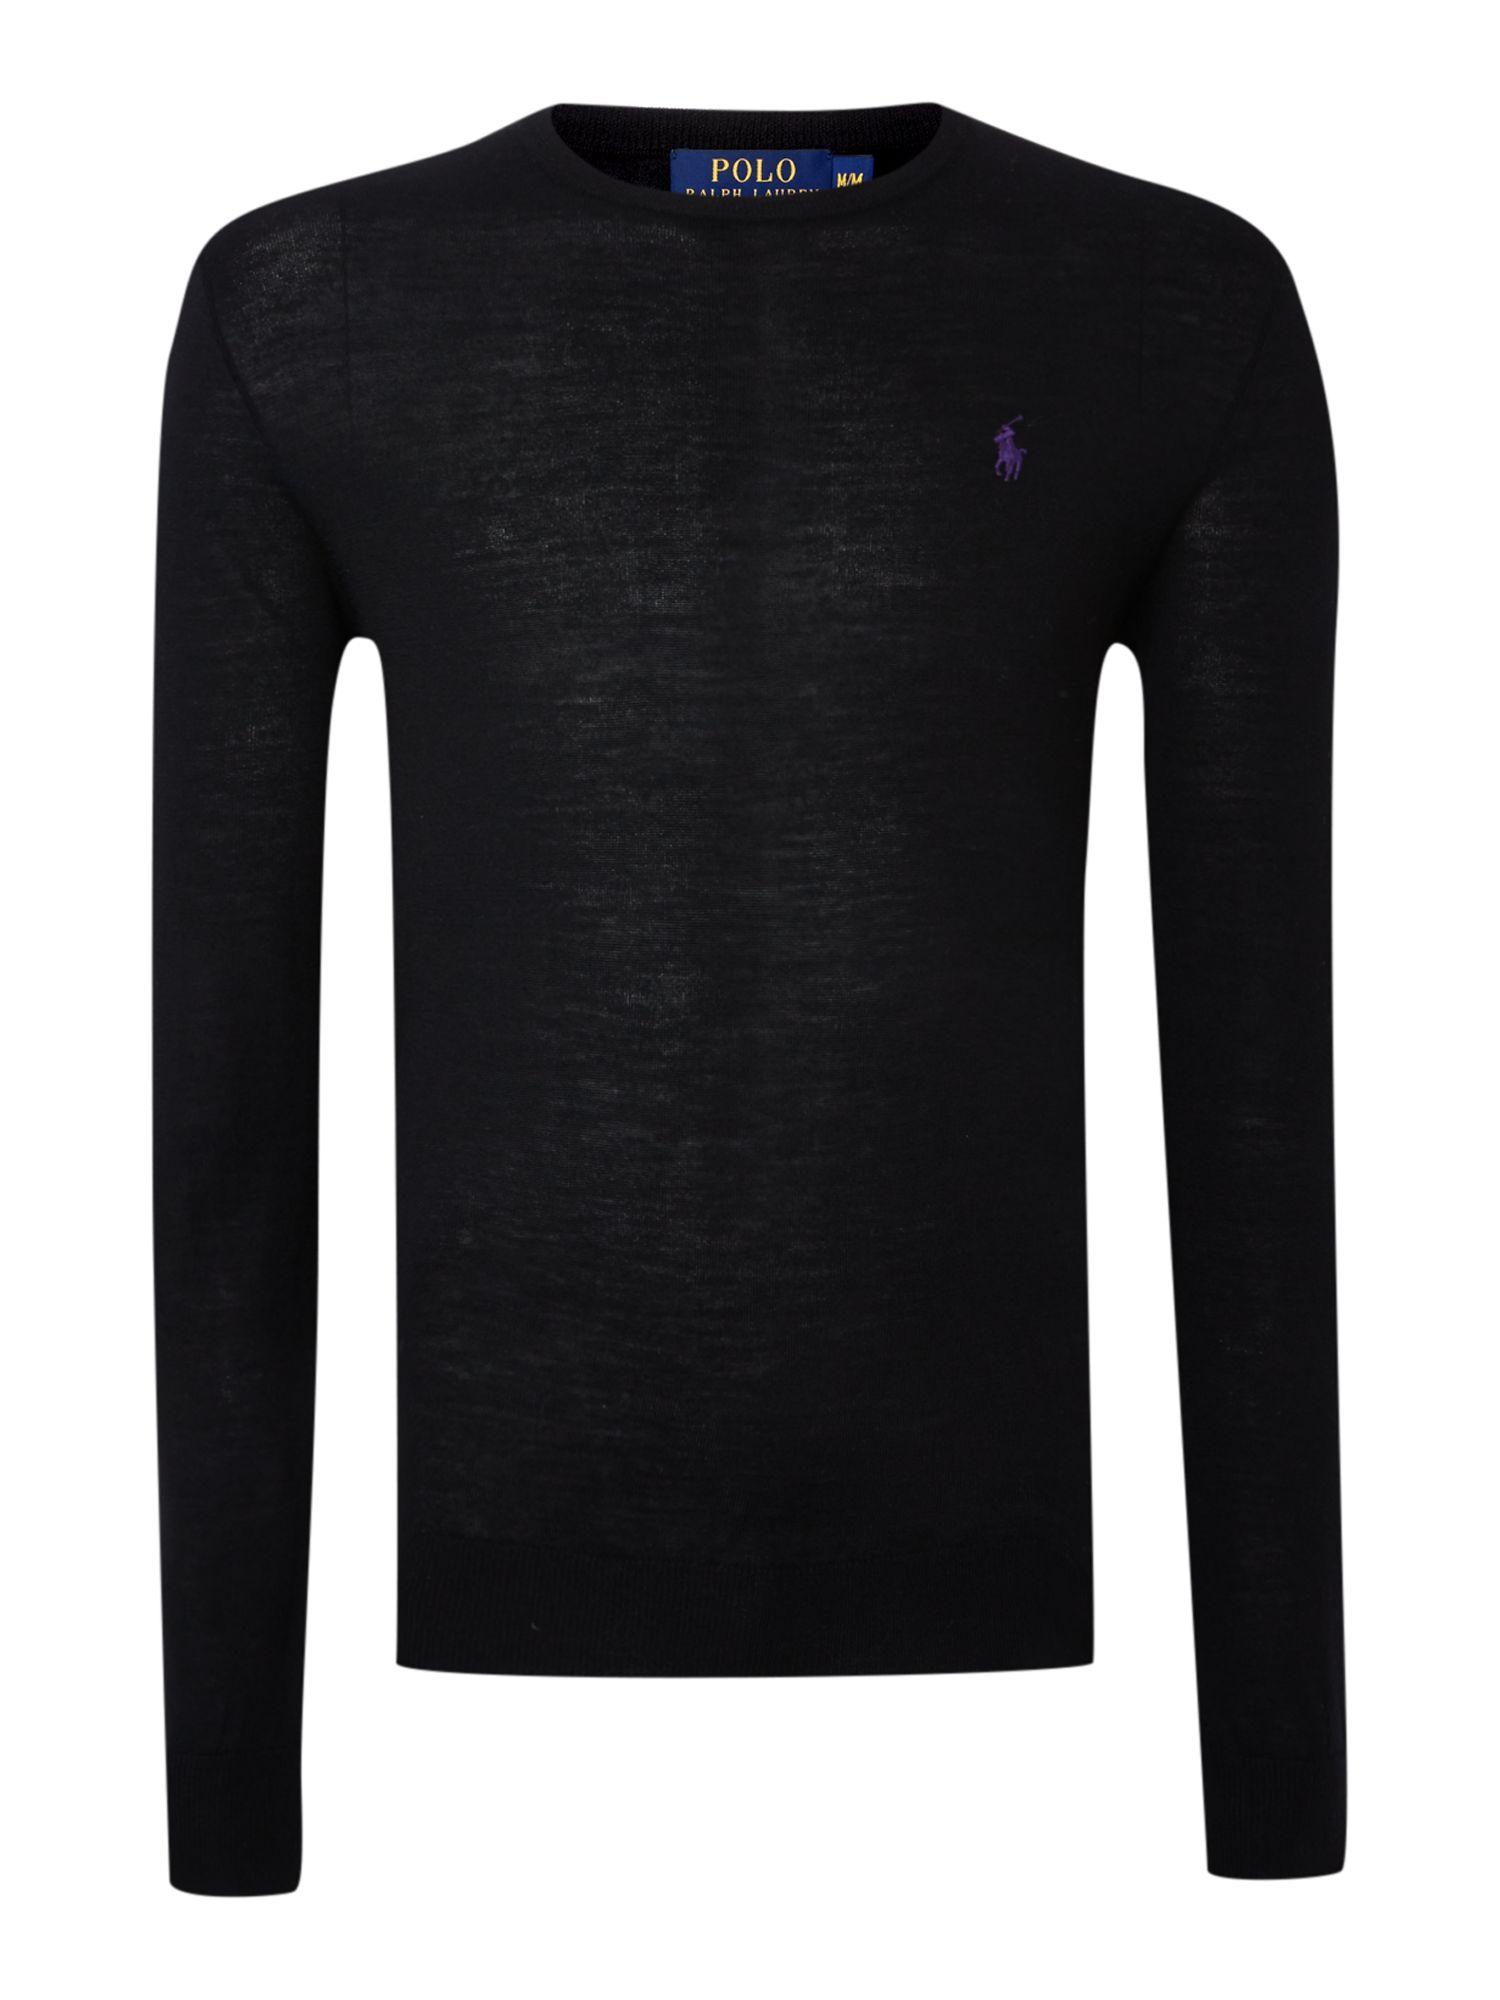 Ralph Lauren Menswear - Ralph Lauren Slim Fit Crew Neck Jumper Black